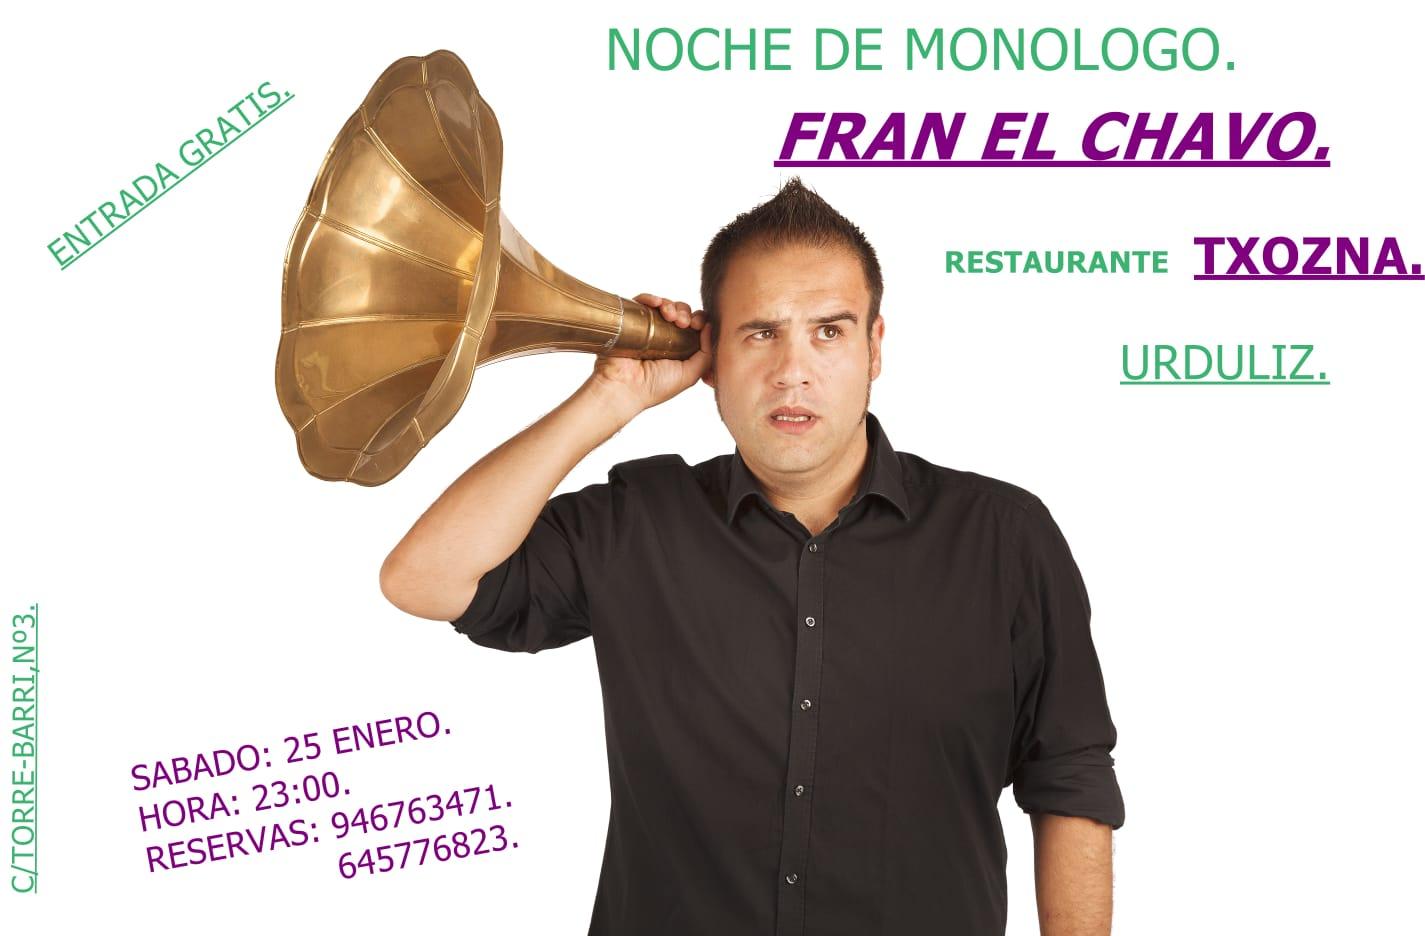 monologo-franchavo-restaurante-txozna